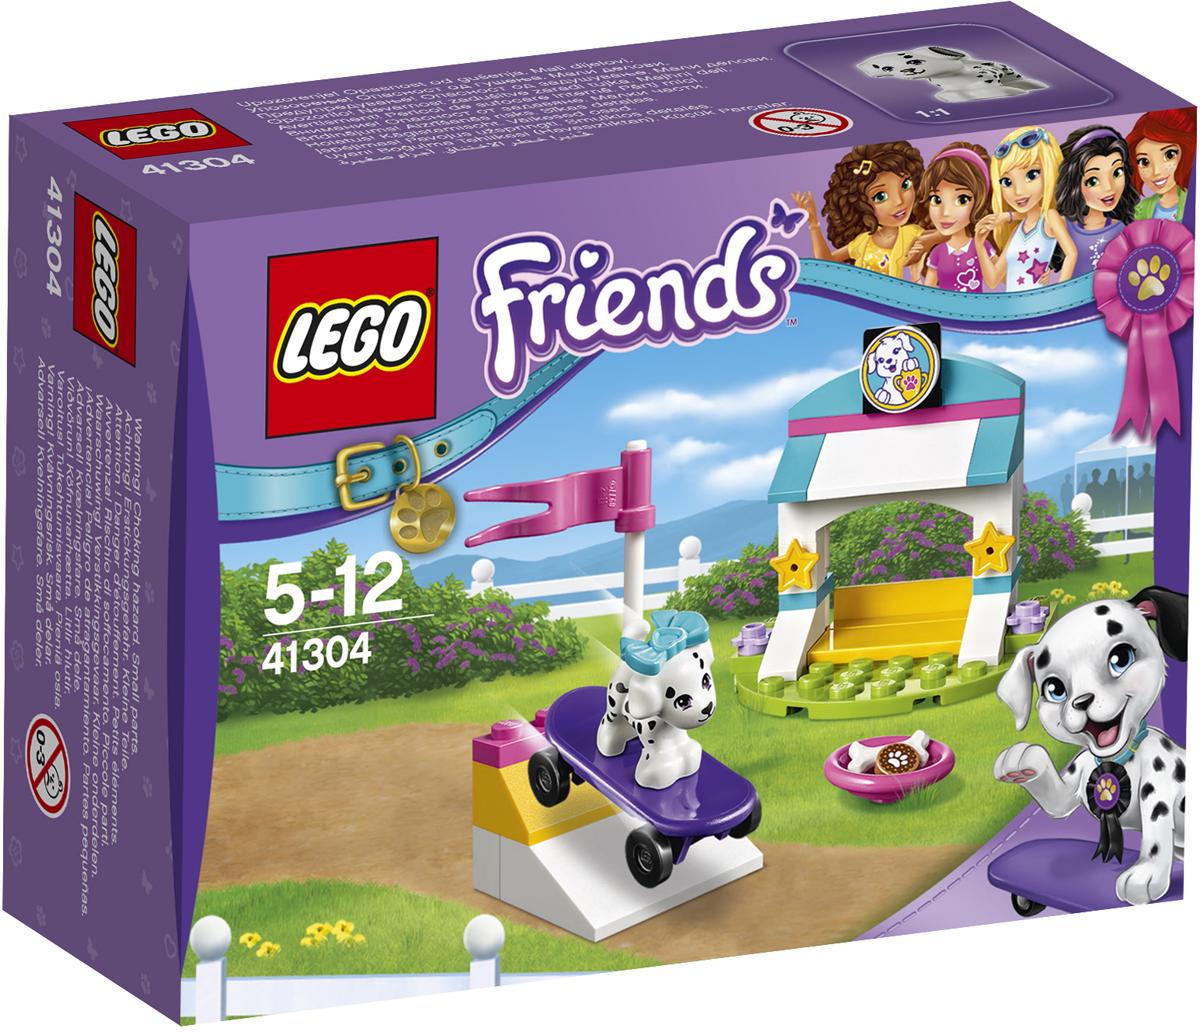 LEGO Friends Конструктор Выставка щенков Скейт-парк 4130441304Игривый щенок Куки приготовил особый трюк! Помоги ему съехать на своём скейтборде вниз по пандусу и подготовить выступление для участия в большой выставке щенков. Посмотри, сколько трюков он может продемонстрировать на своём скейтборде! Этот щенок и правда заработал своё печенье! Трудолюбивый песик заслуживает того, чтобы жить в роскошном собачьем домике, поэтому отправь его домой и уложи отдыхать, когда он закончит тренировку.